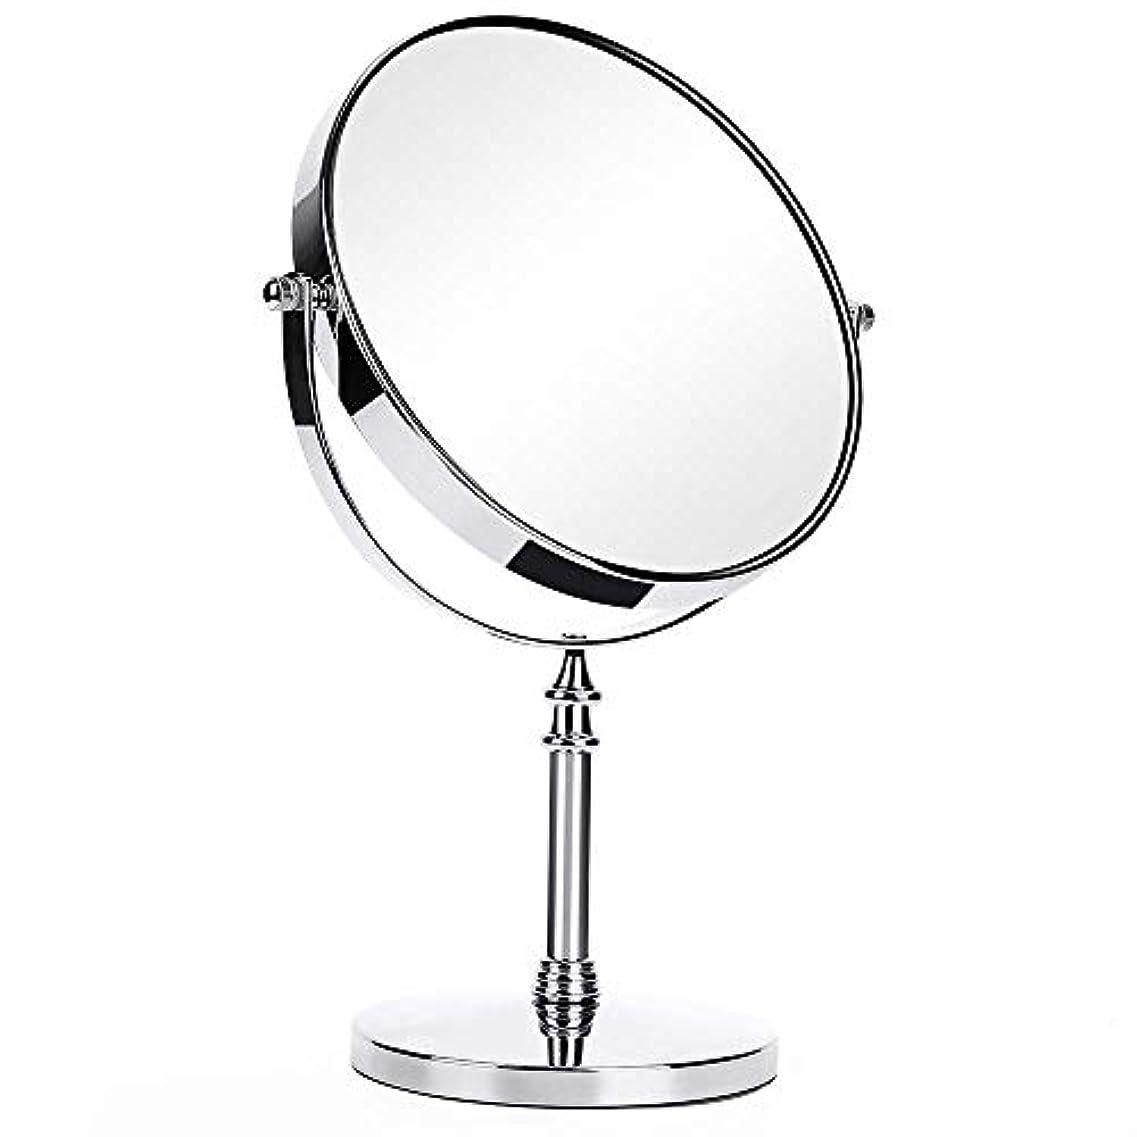 応用波トロリー7インチ両面1X / 2X化粧鏡360度回転拡大鏡トラベルミラーベース取り外し可能